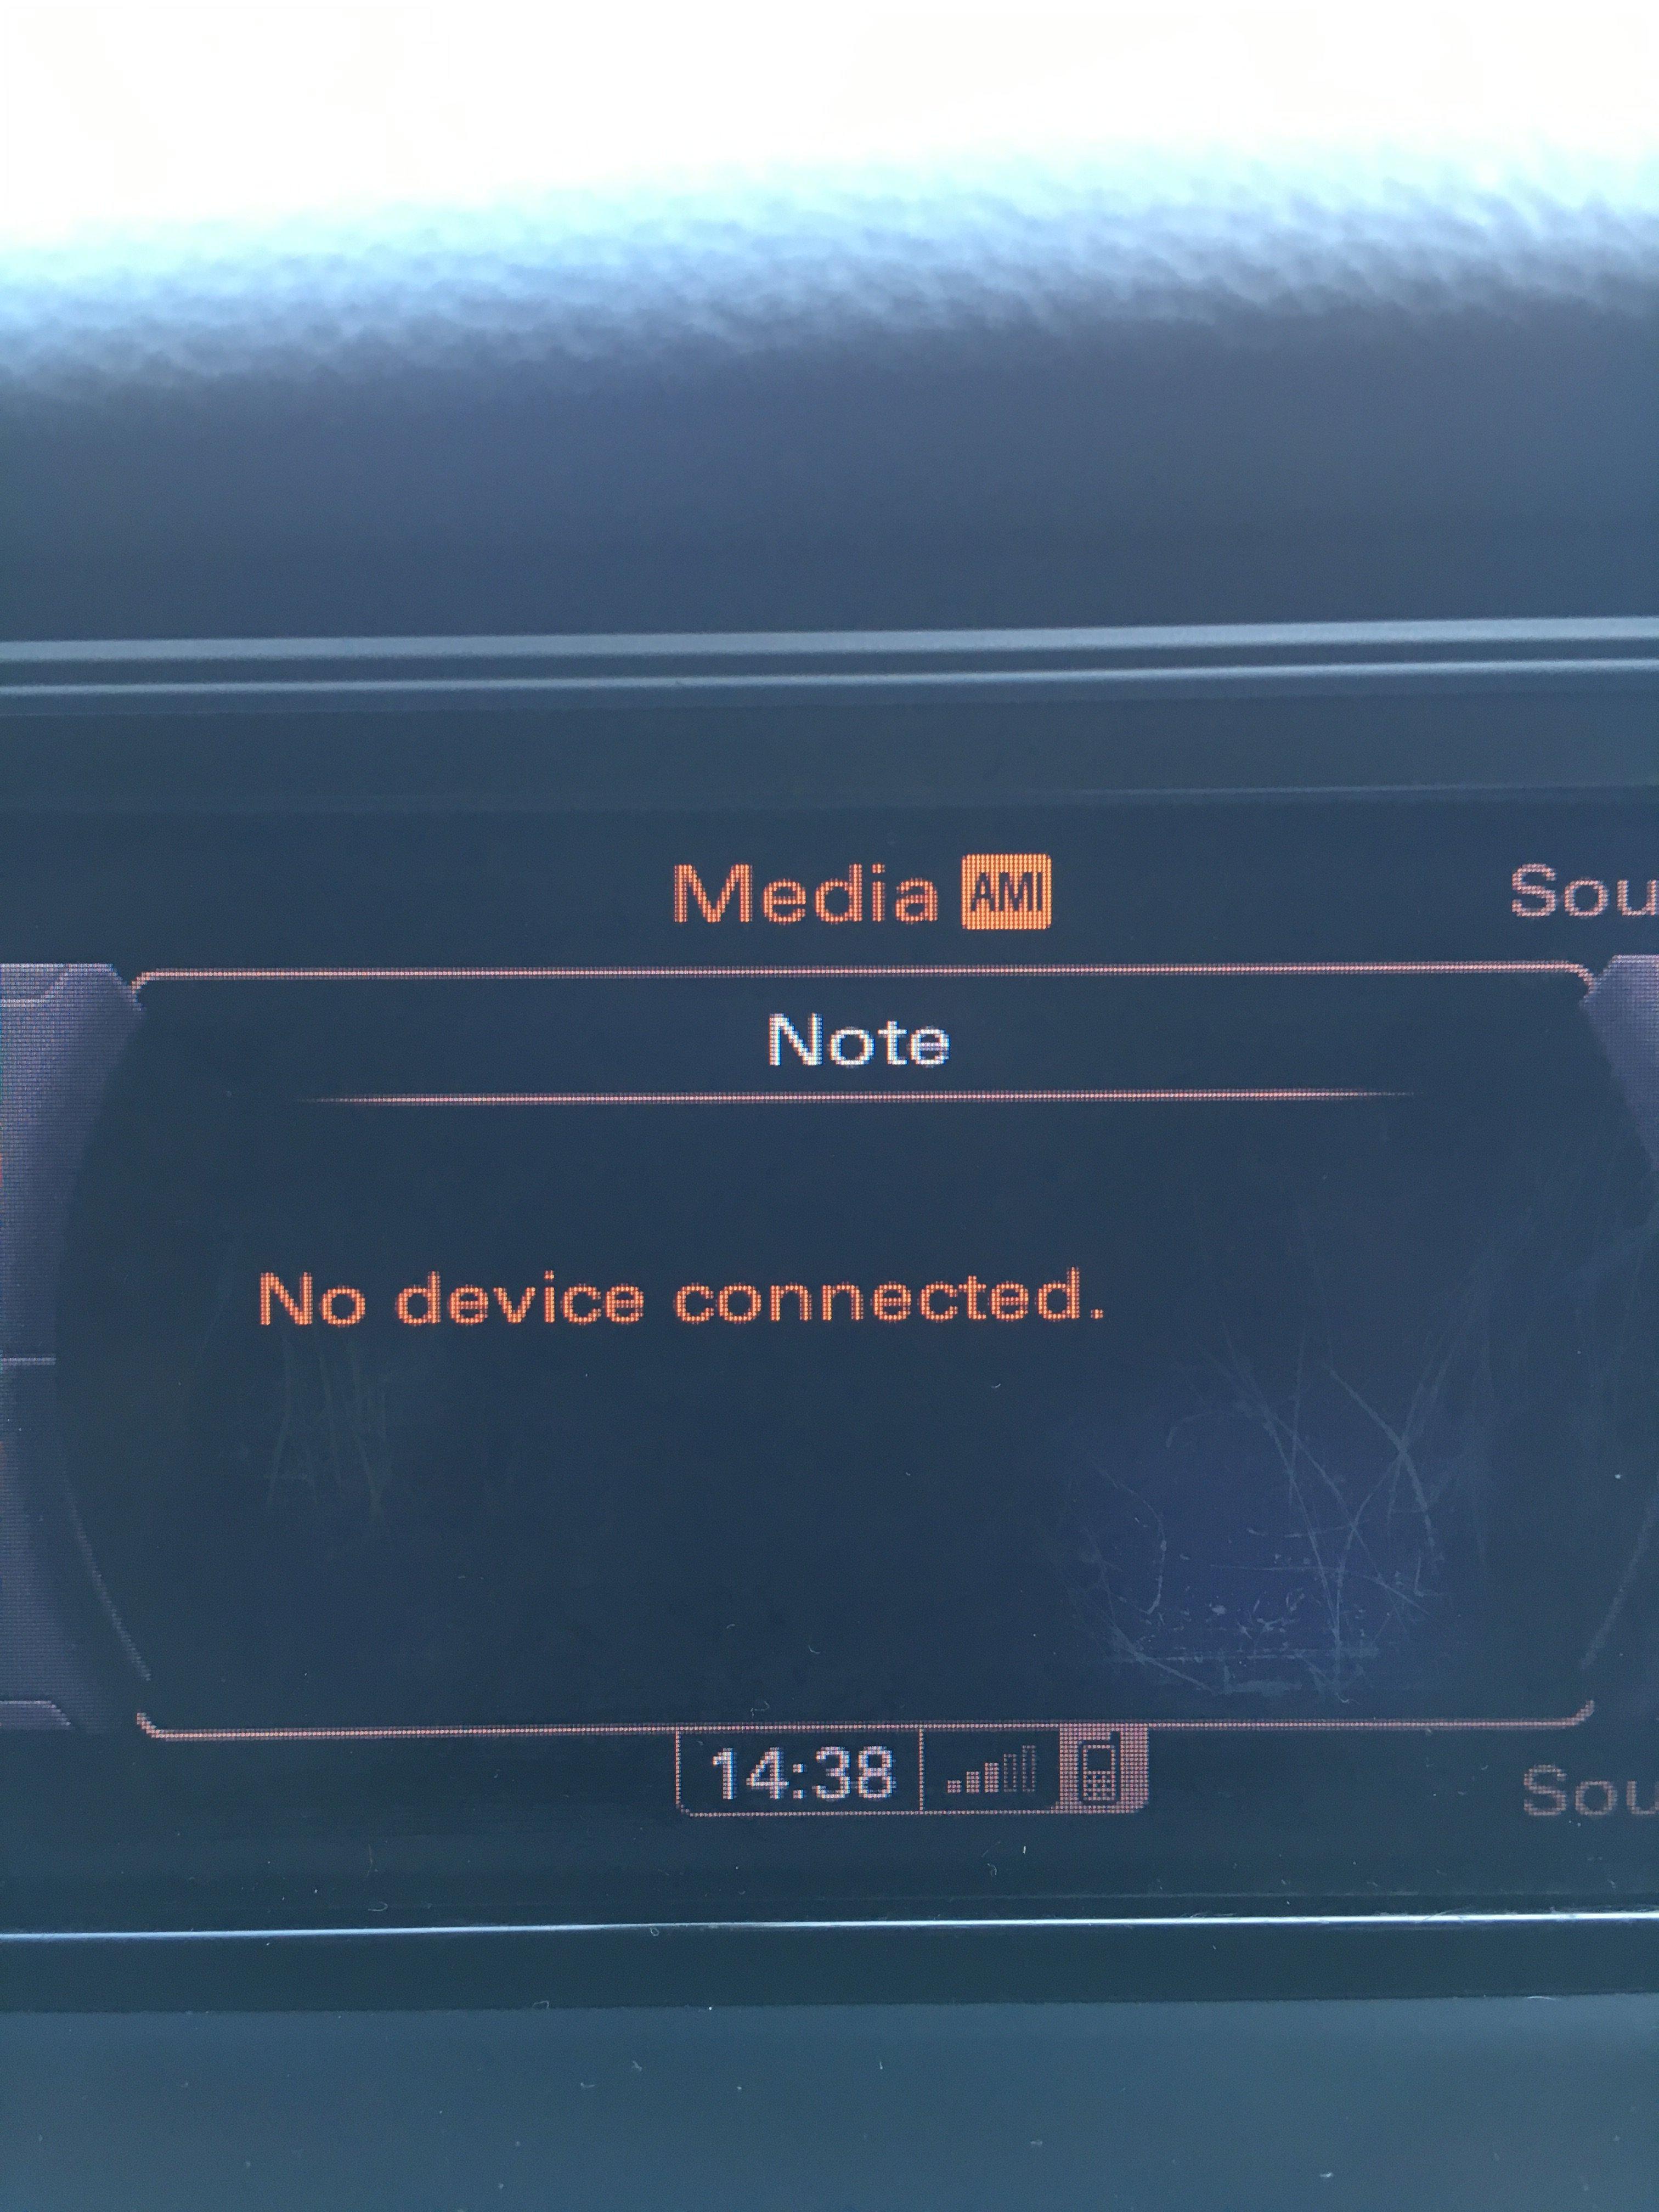 Audi A4 2011 Technik Bluetooth Music Player Avforums